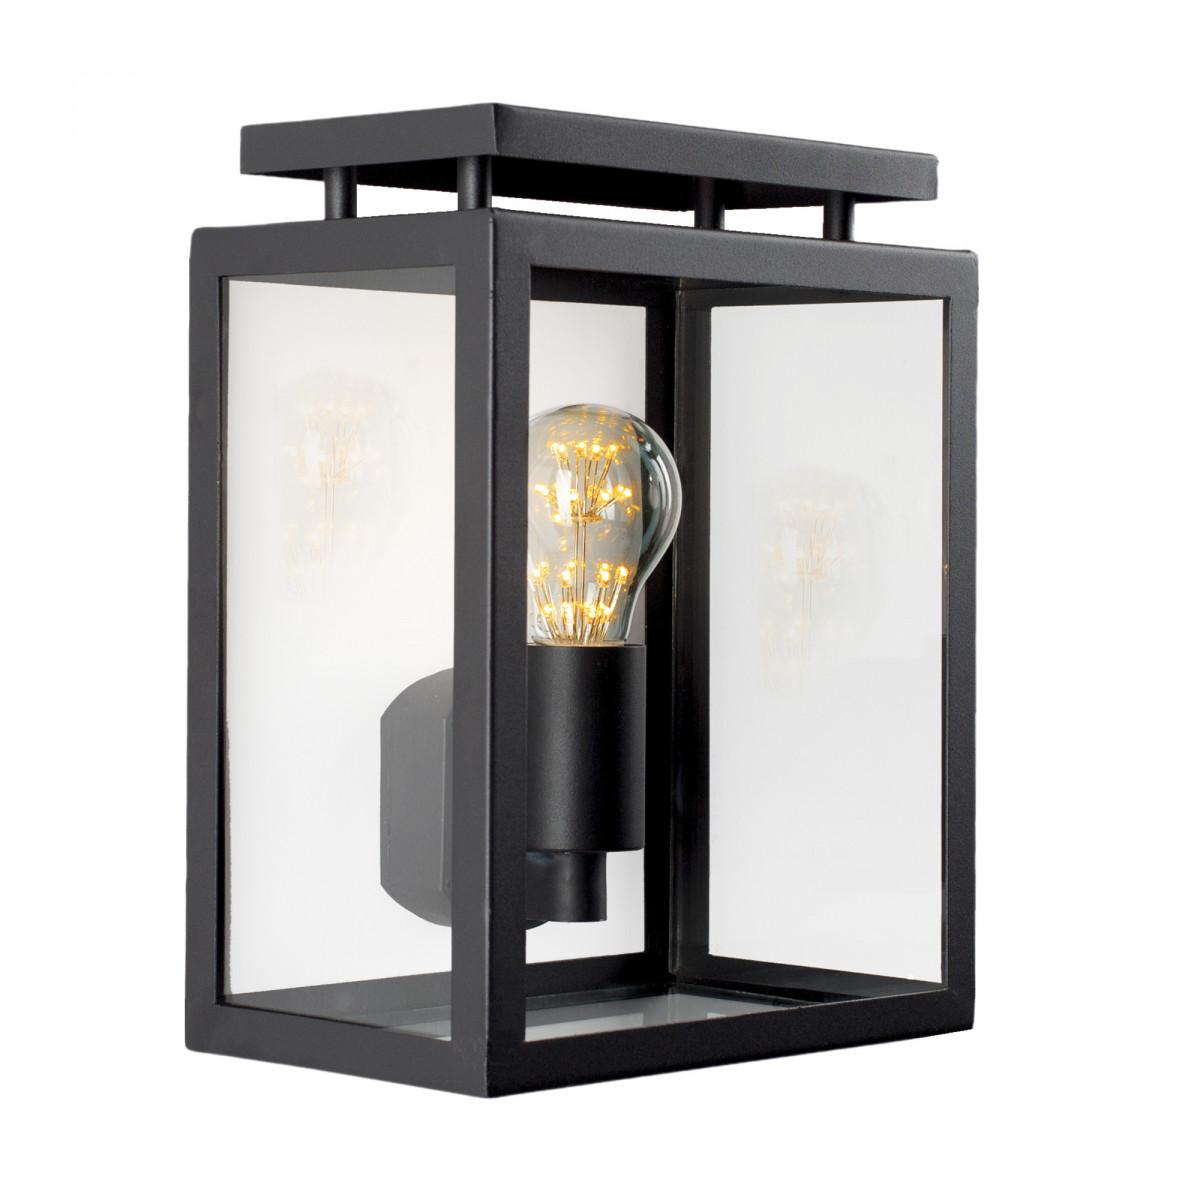 Vecht Flache Wandlampe inklusive Lichtquelle Tag - Nachtsensor